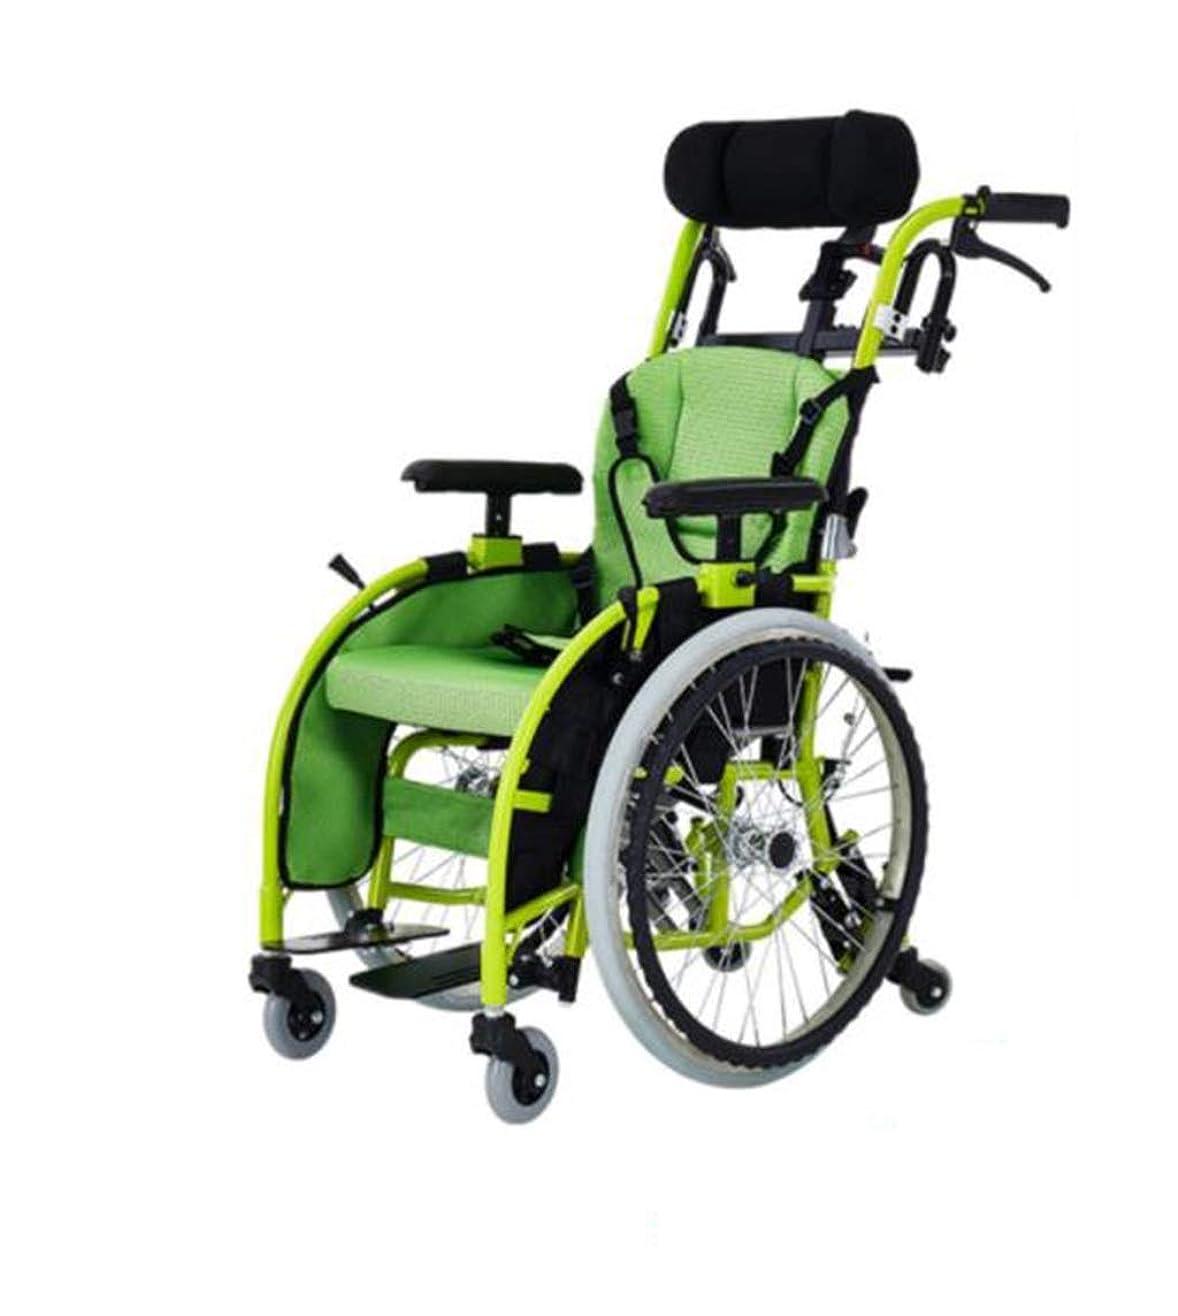 省略するキラウエア山確実子供用車椅子折りたたみライト小さなポータブルハンディキャップトロリー子供アルミ合金手動車椅子